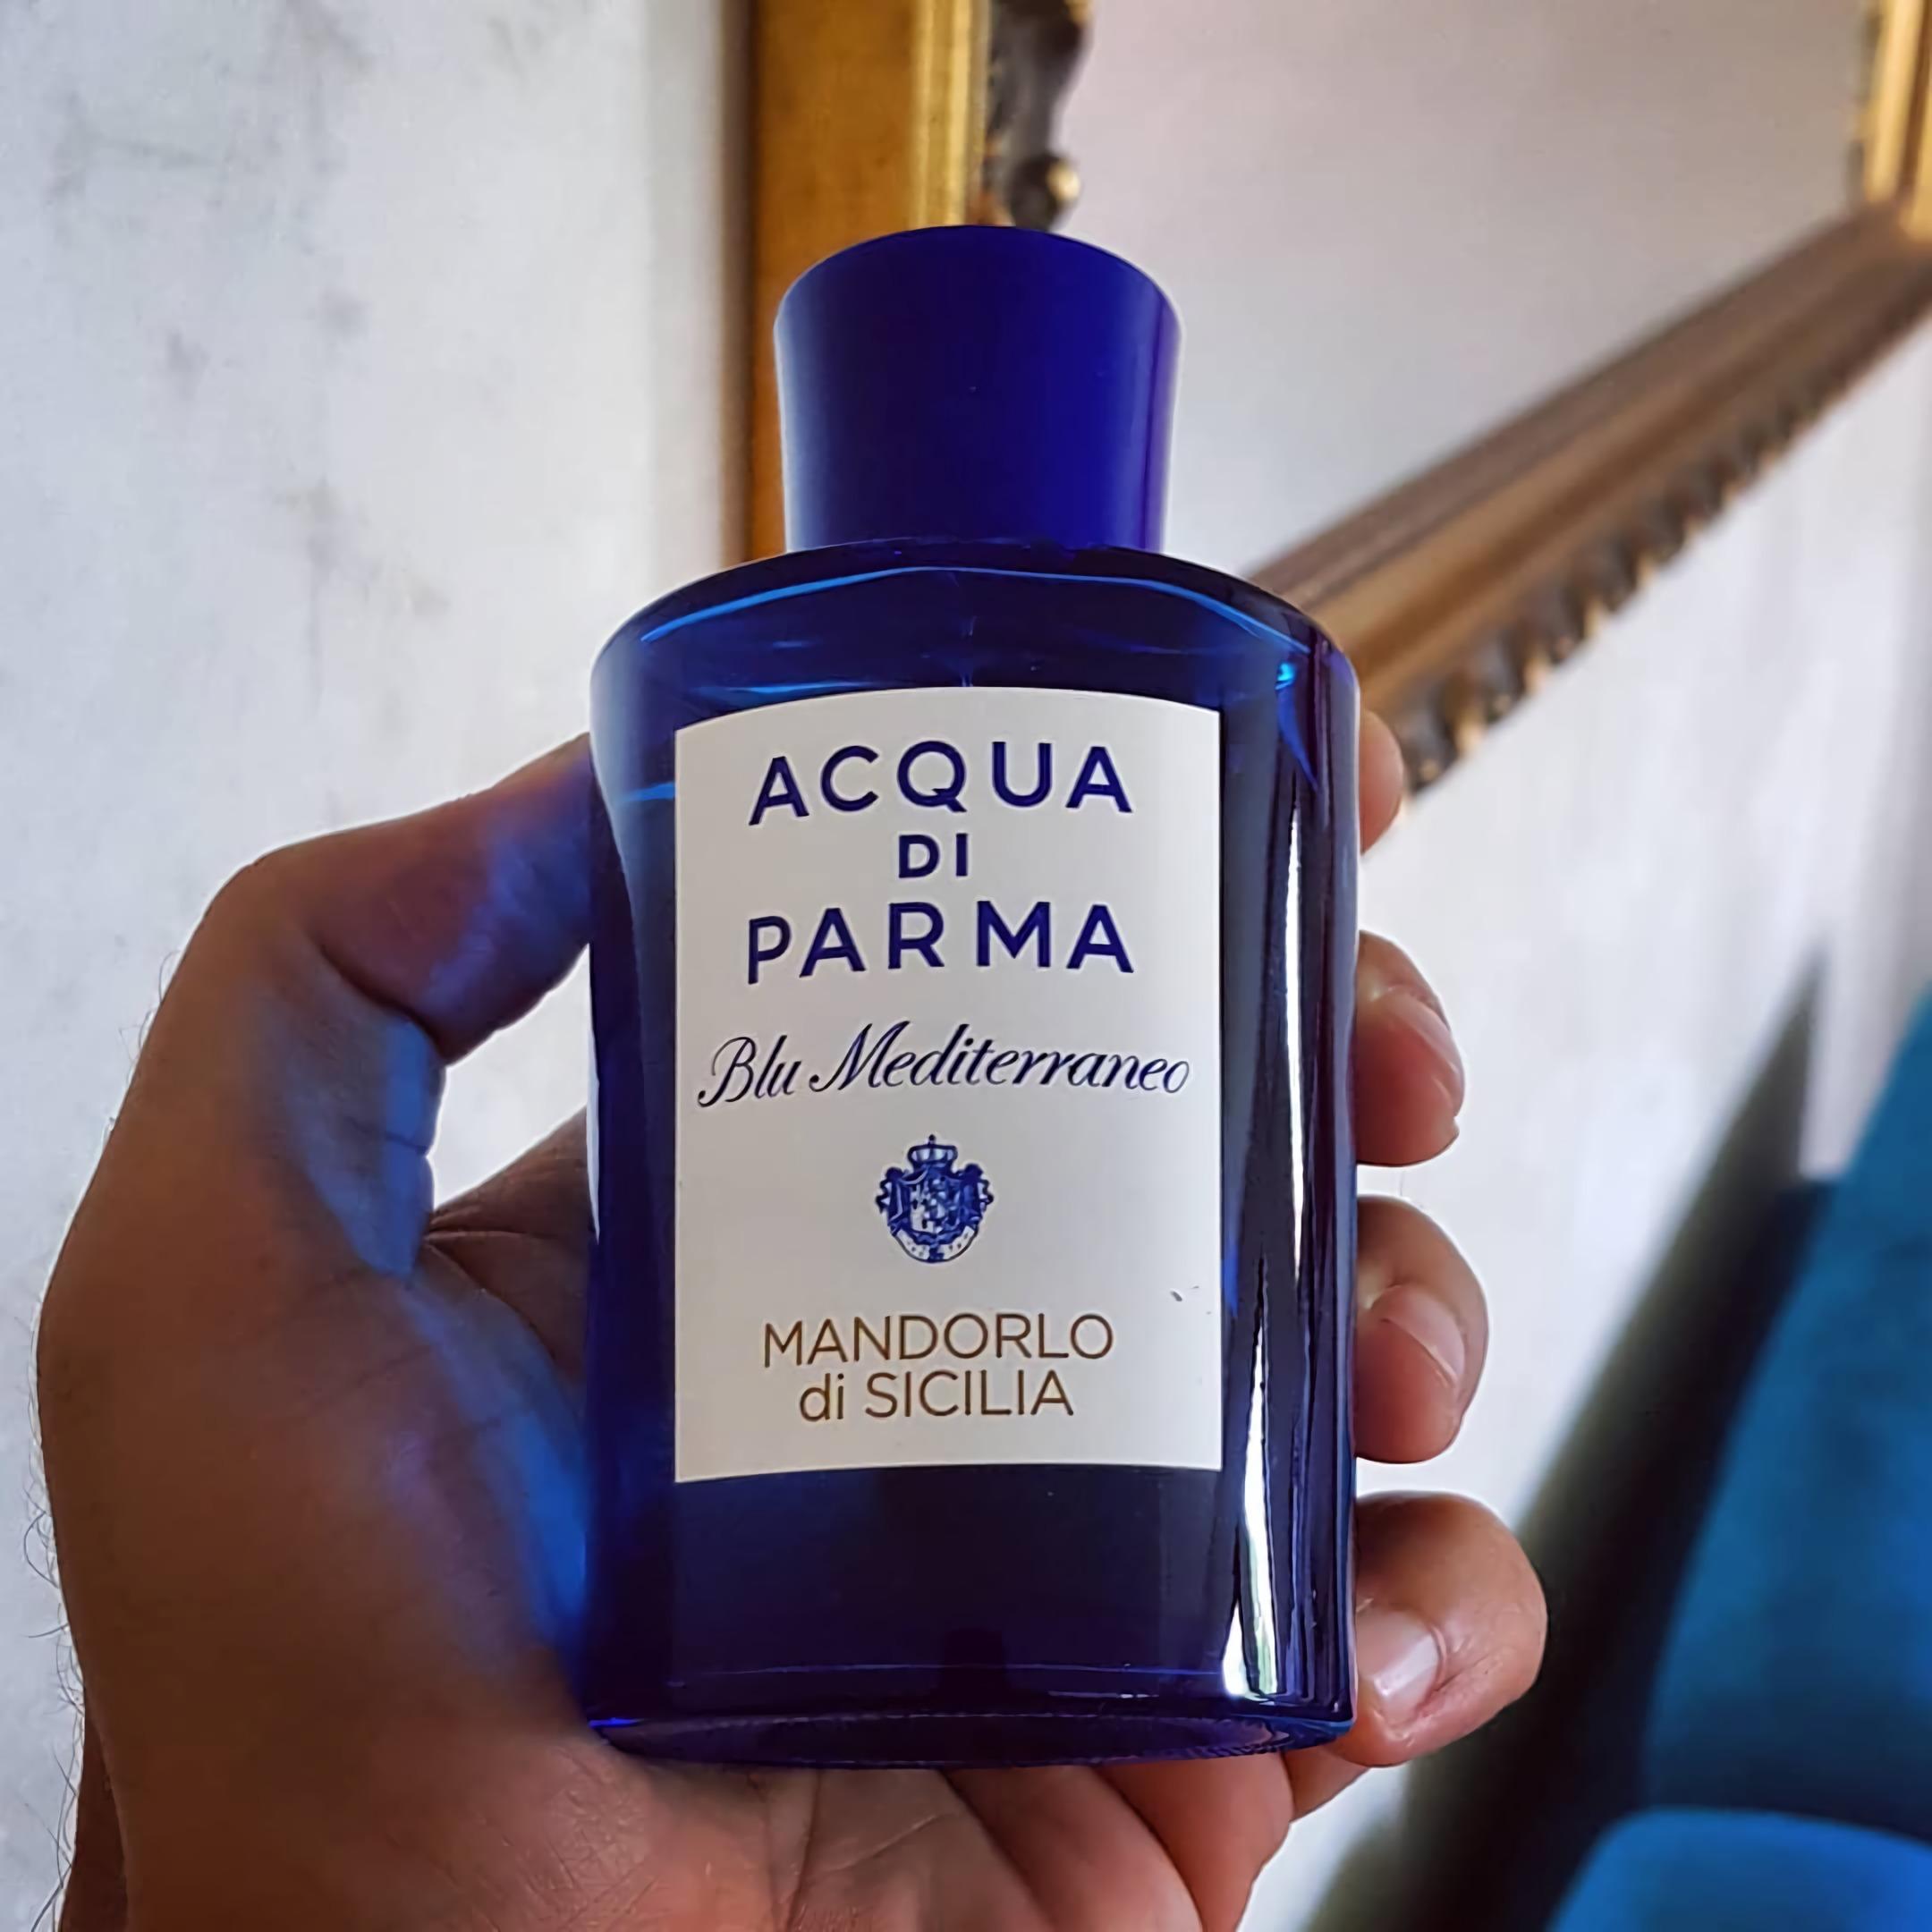 красивые духи с мягким запахом Acqua Di Parma Blu Mediterraneo Mandorlo Di Sicilia